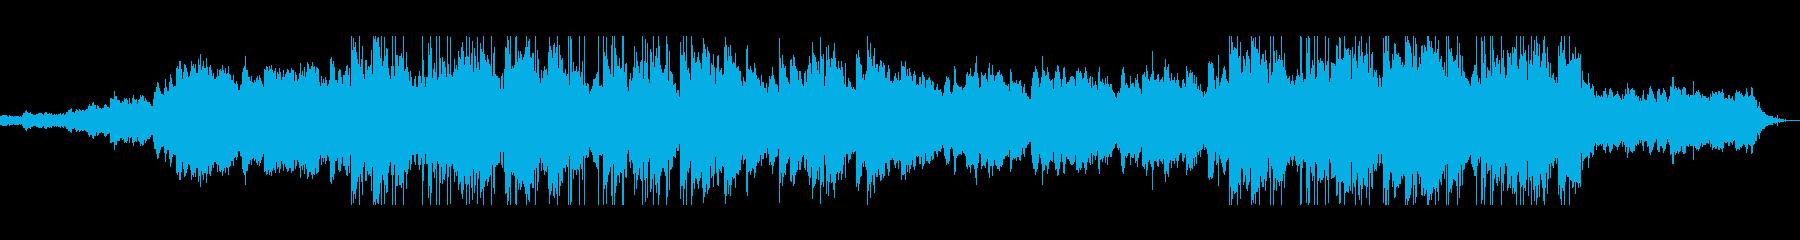 水流と木々のなびきが特徴的なBGMの再生済みの波形